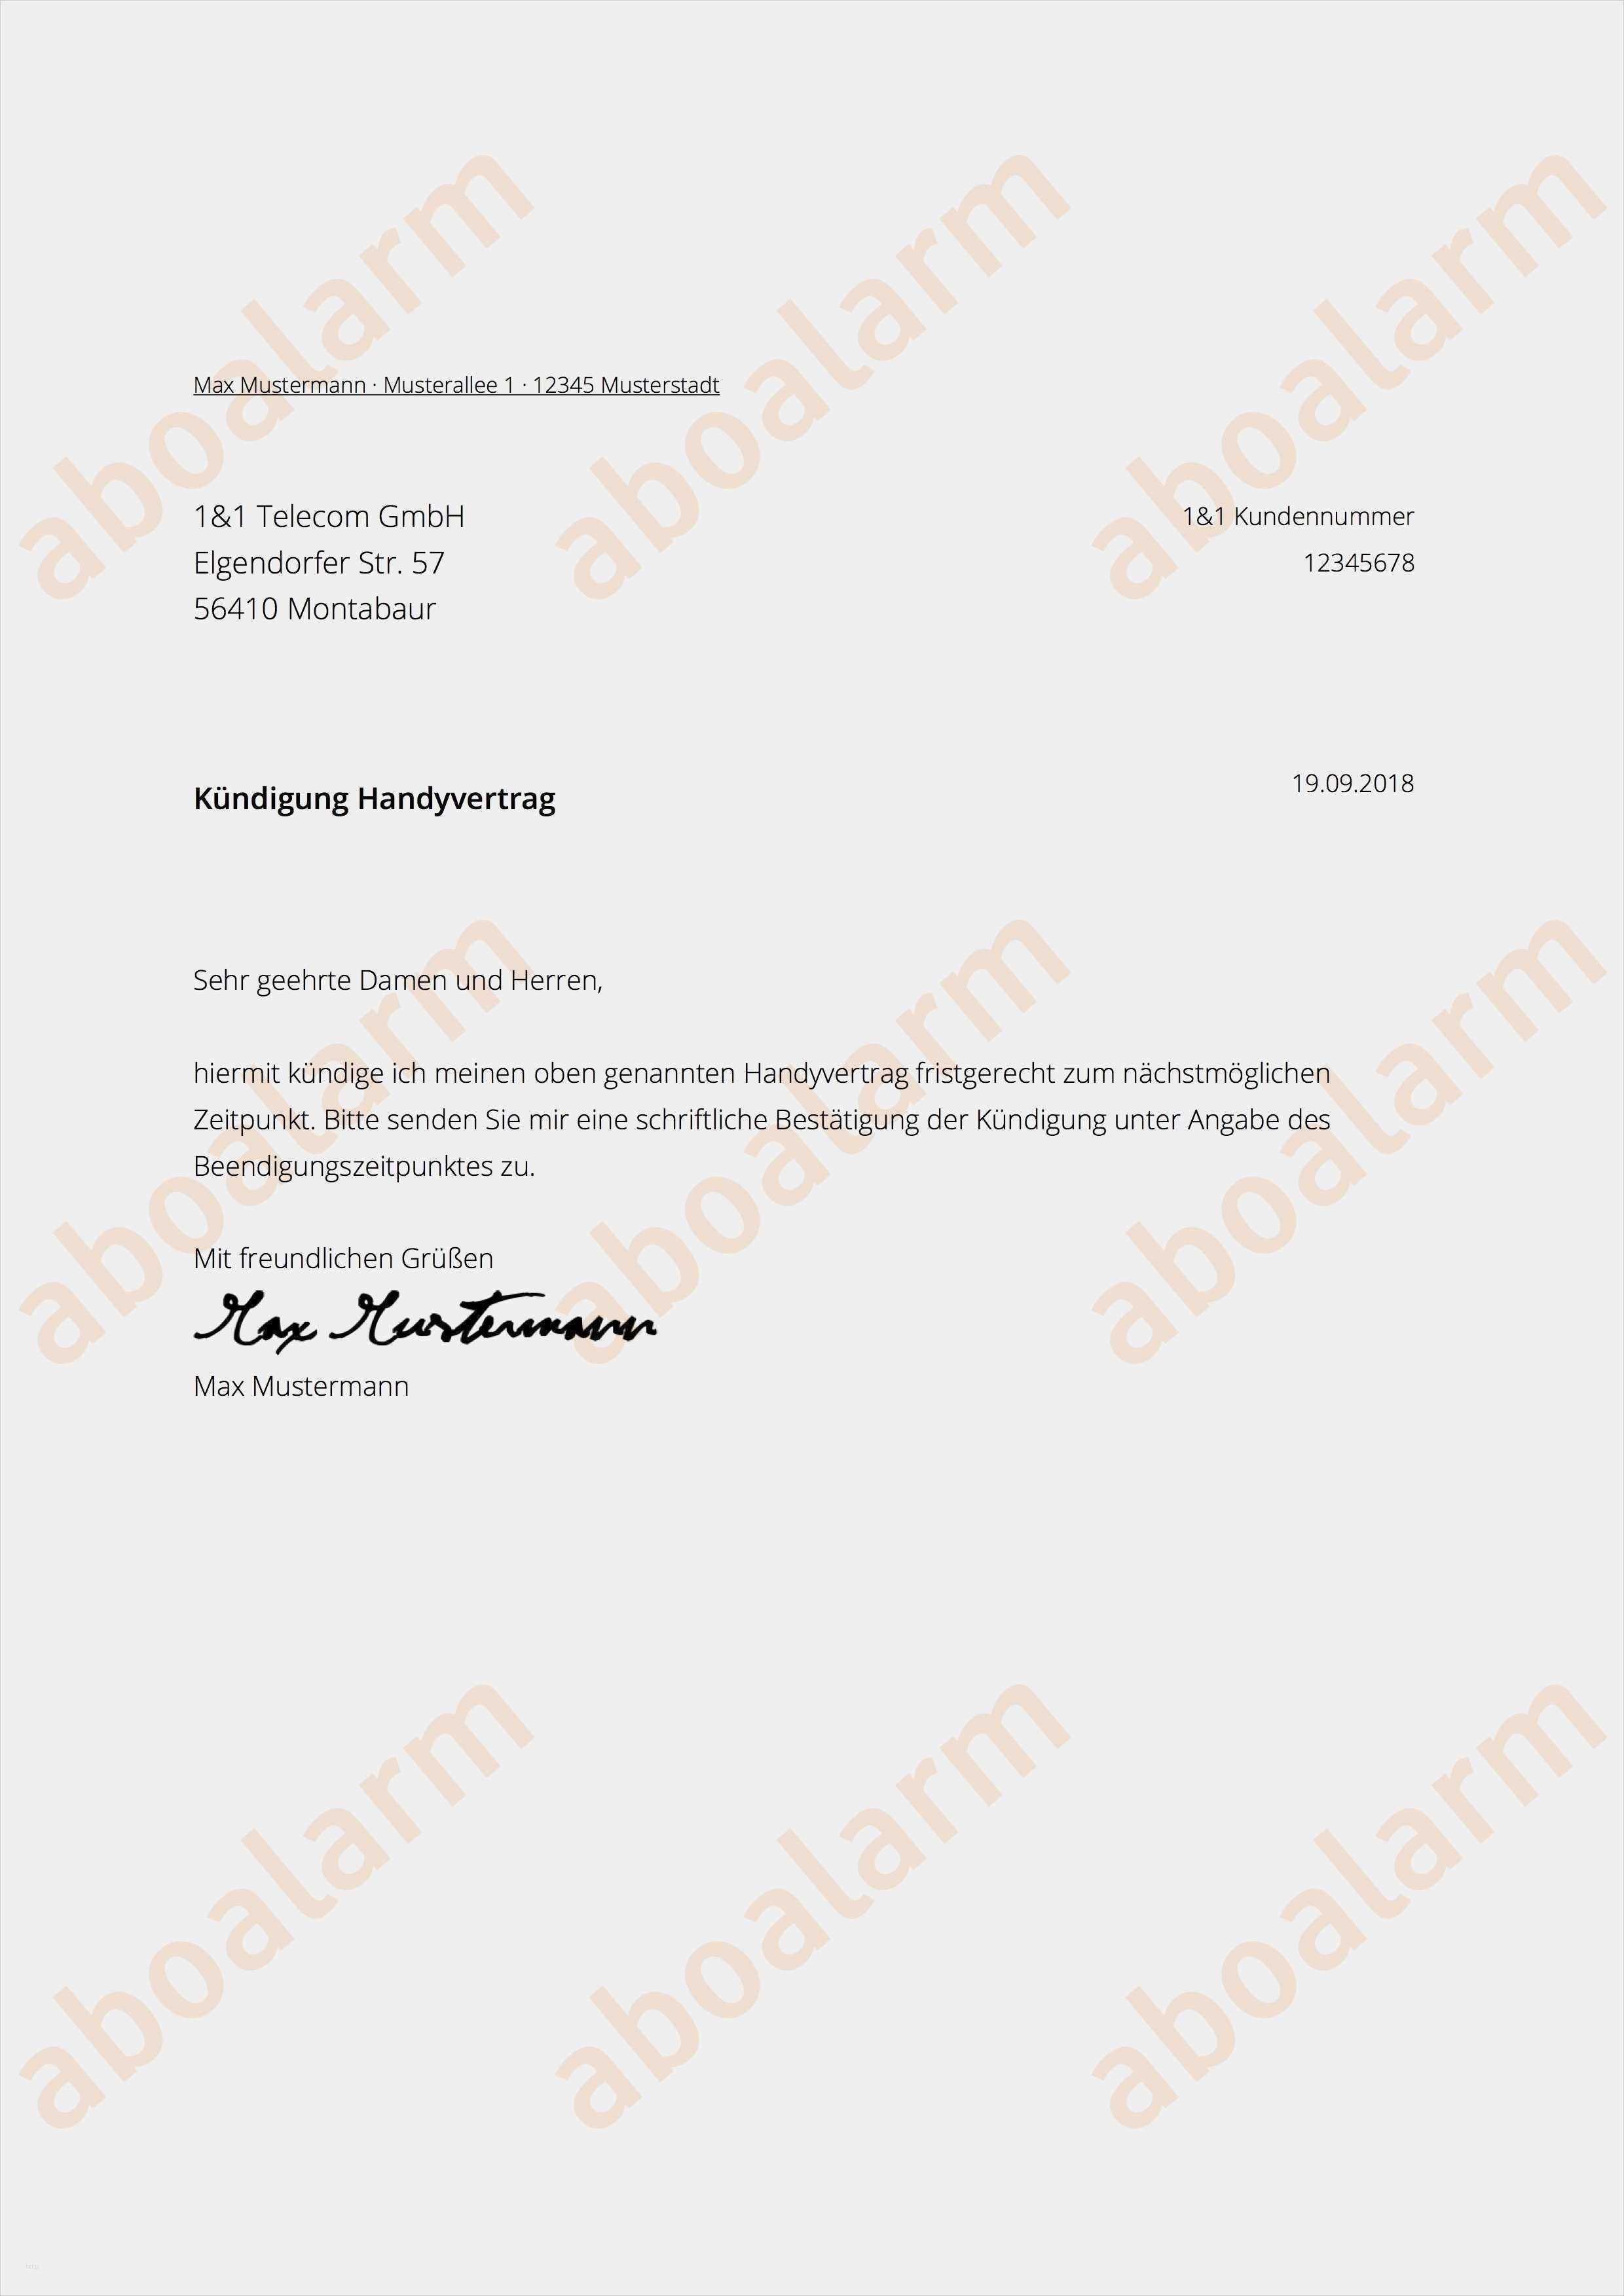 26 Genial Ergo Direkt Zahnzusatzversicherung Kundigung Vorlage Bilder Handyvertrag Vorlagen Handyvertrag Kundigen